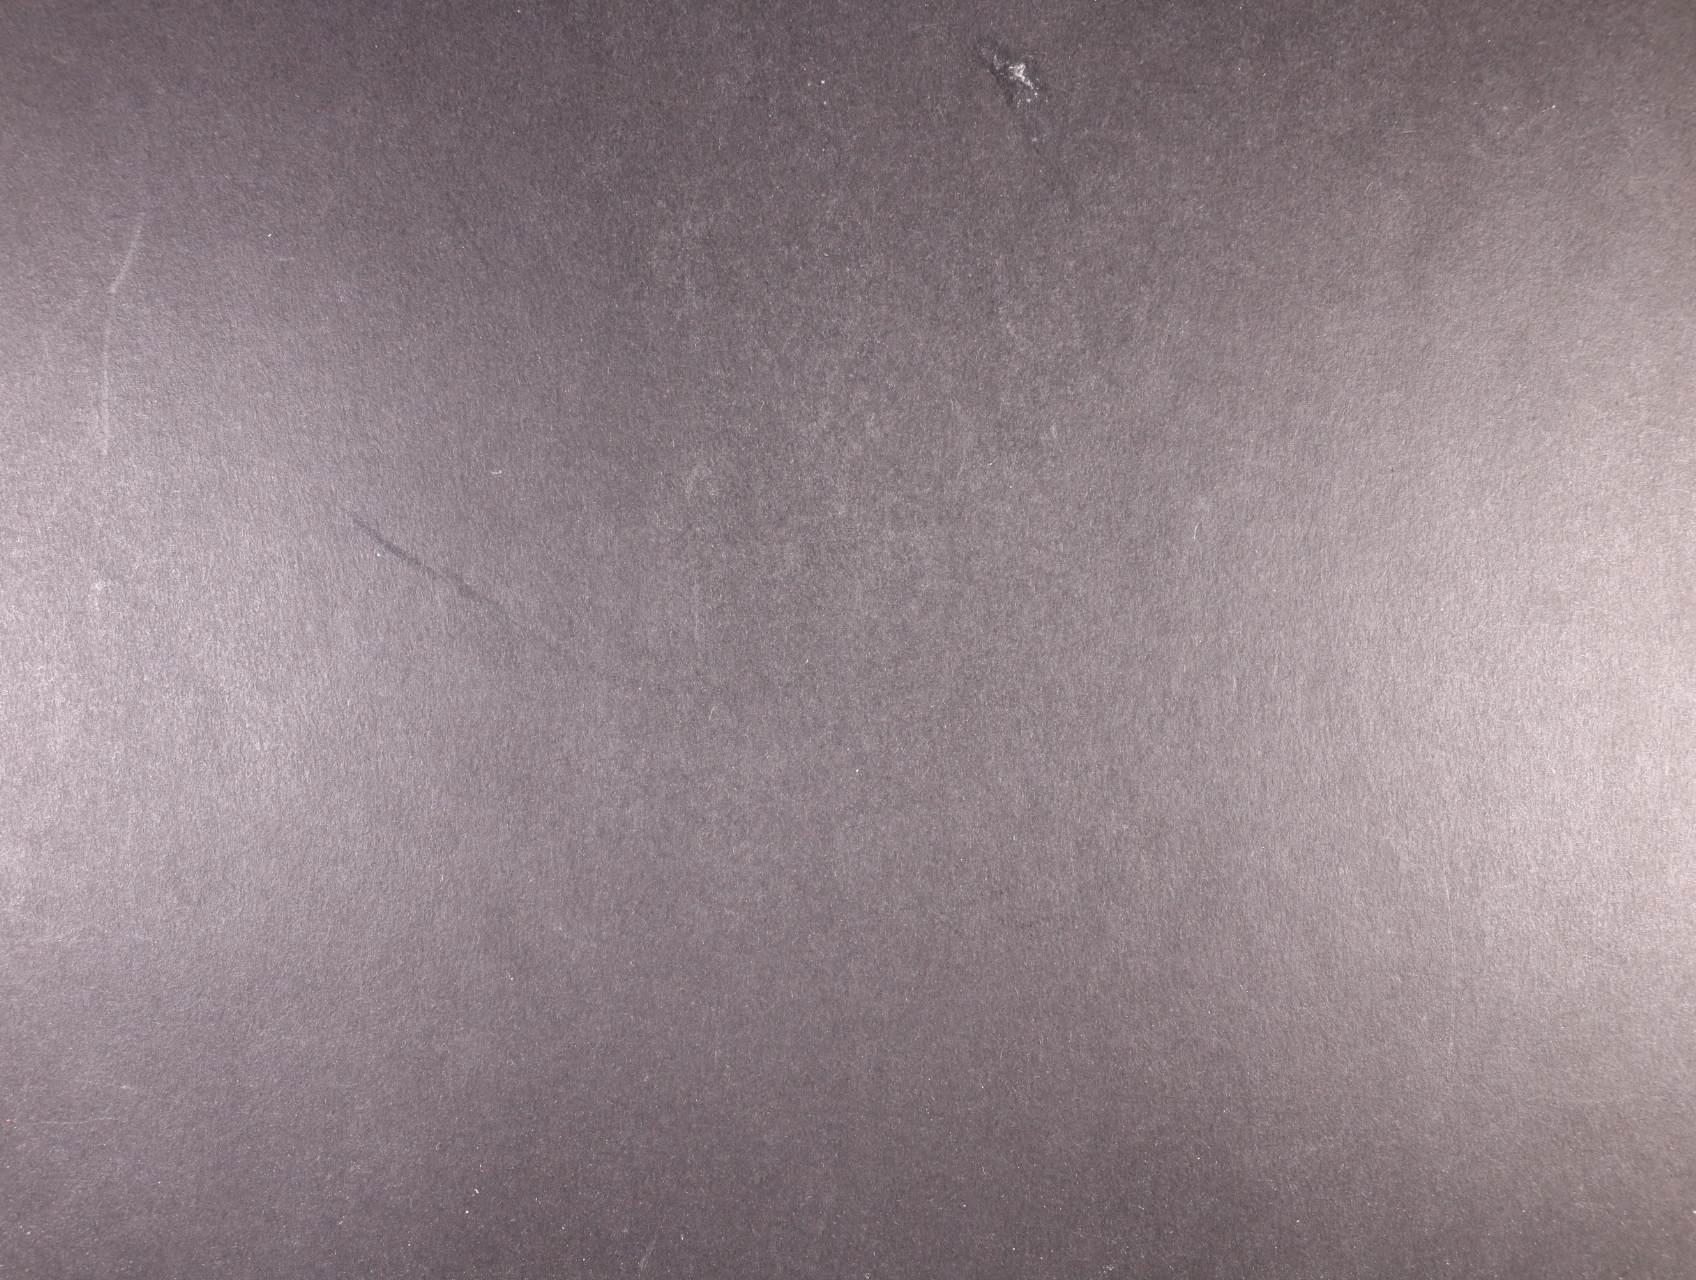 ČSR II - téměř kompl. gen. sbírka zn., aršíků, kuponů, TL a PL z let 1945 - 1992, obsahuje mj. Košická meziarší, A BRATISLAVA, PRAGA 50 a 55, kat. cena cca 30000 Kč, uloženo v 5ti zásobnících A4